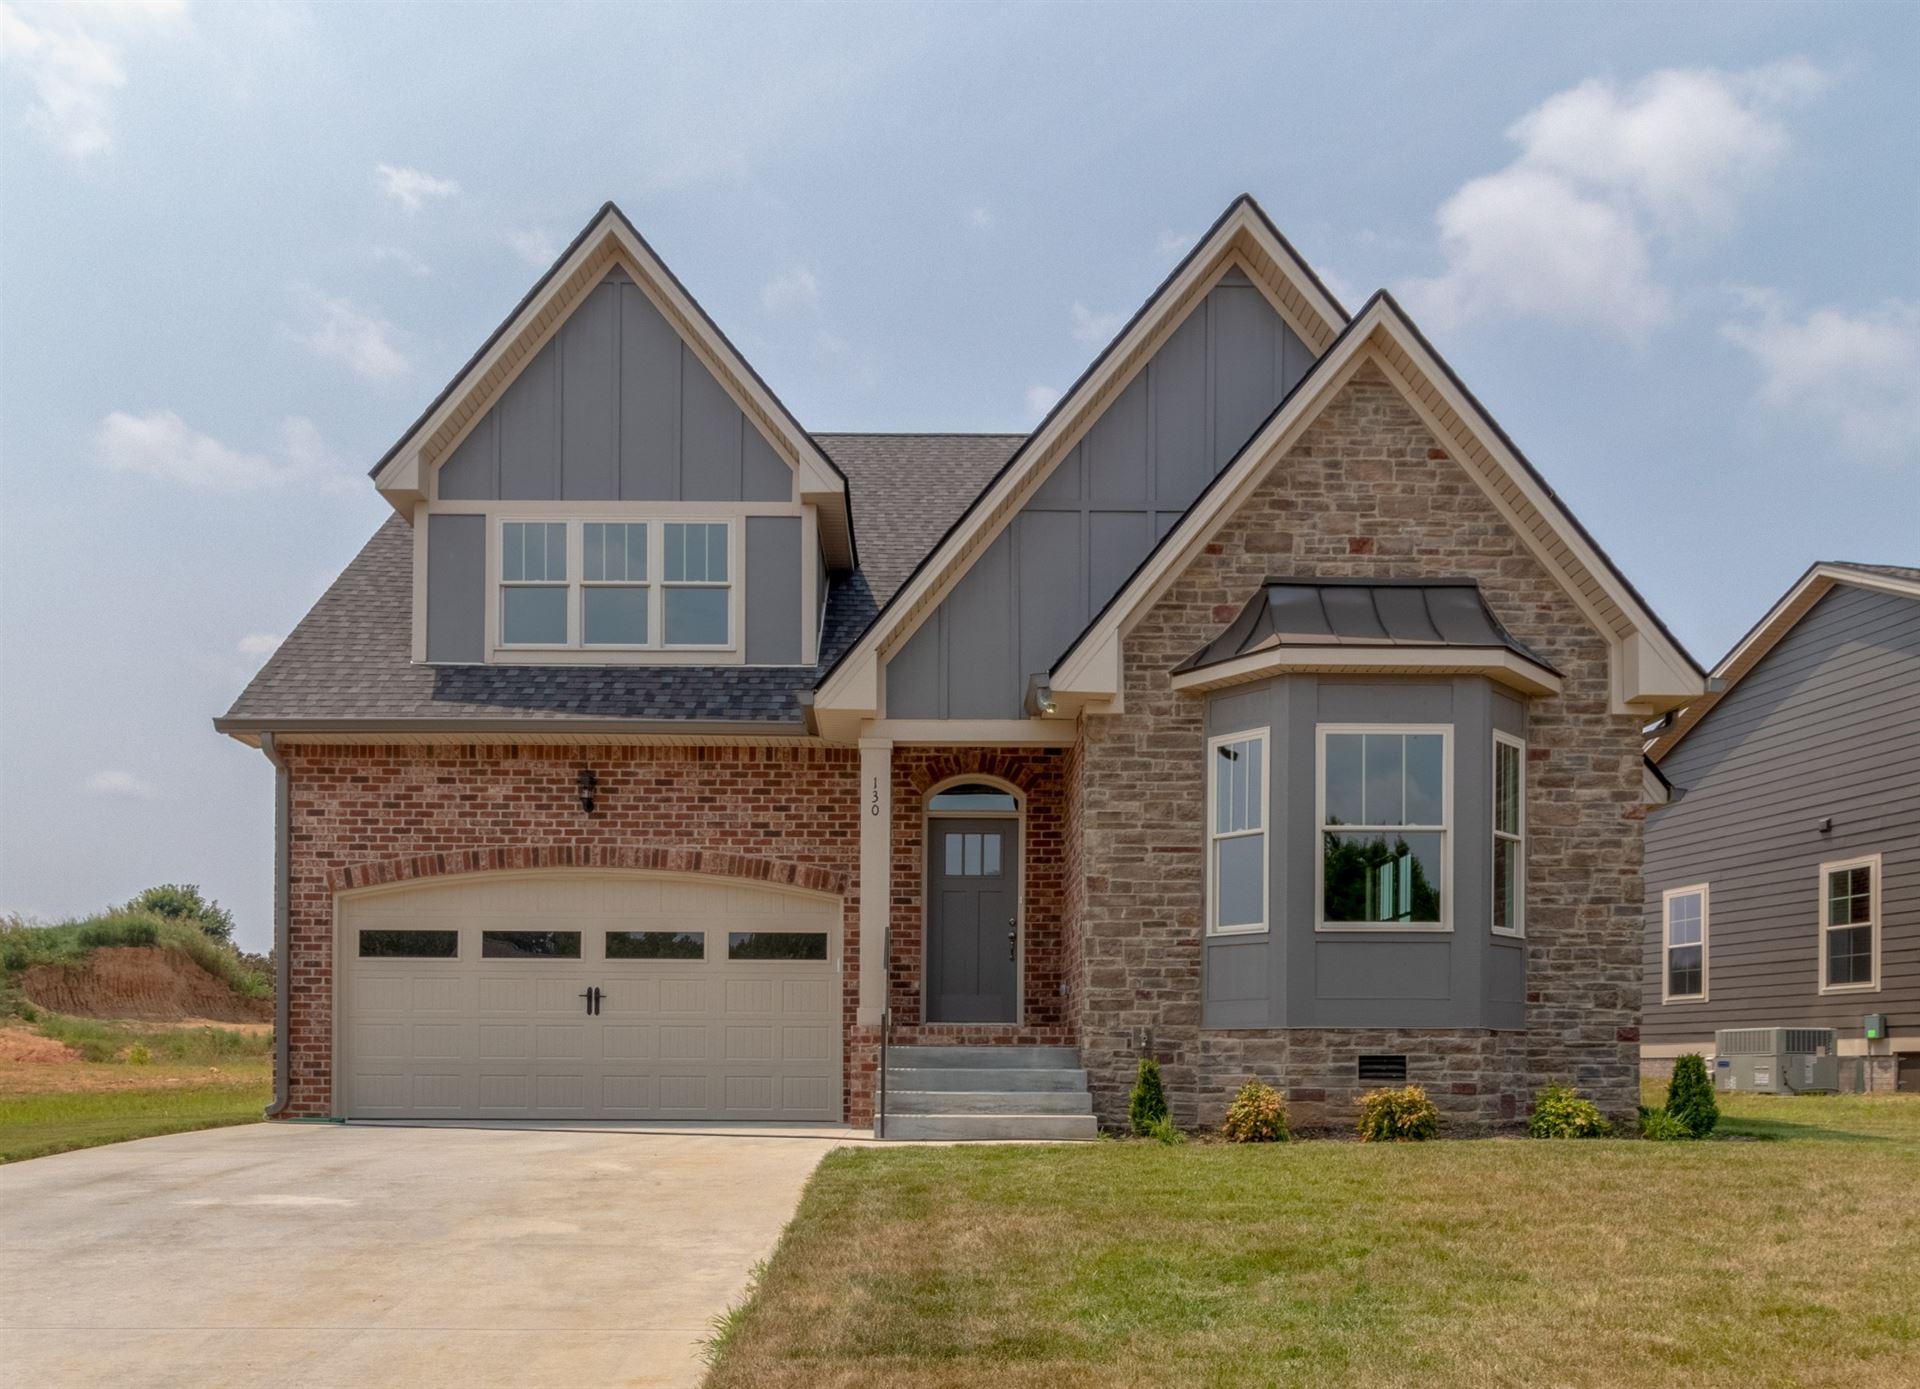 130 Cottage Ln, Clarksville, TN 37043 - MLS#: 2251205